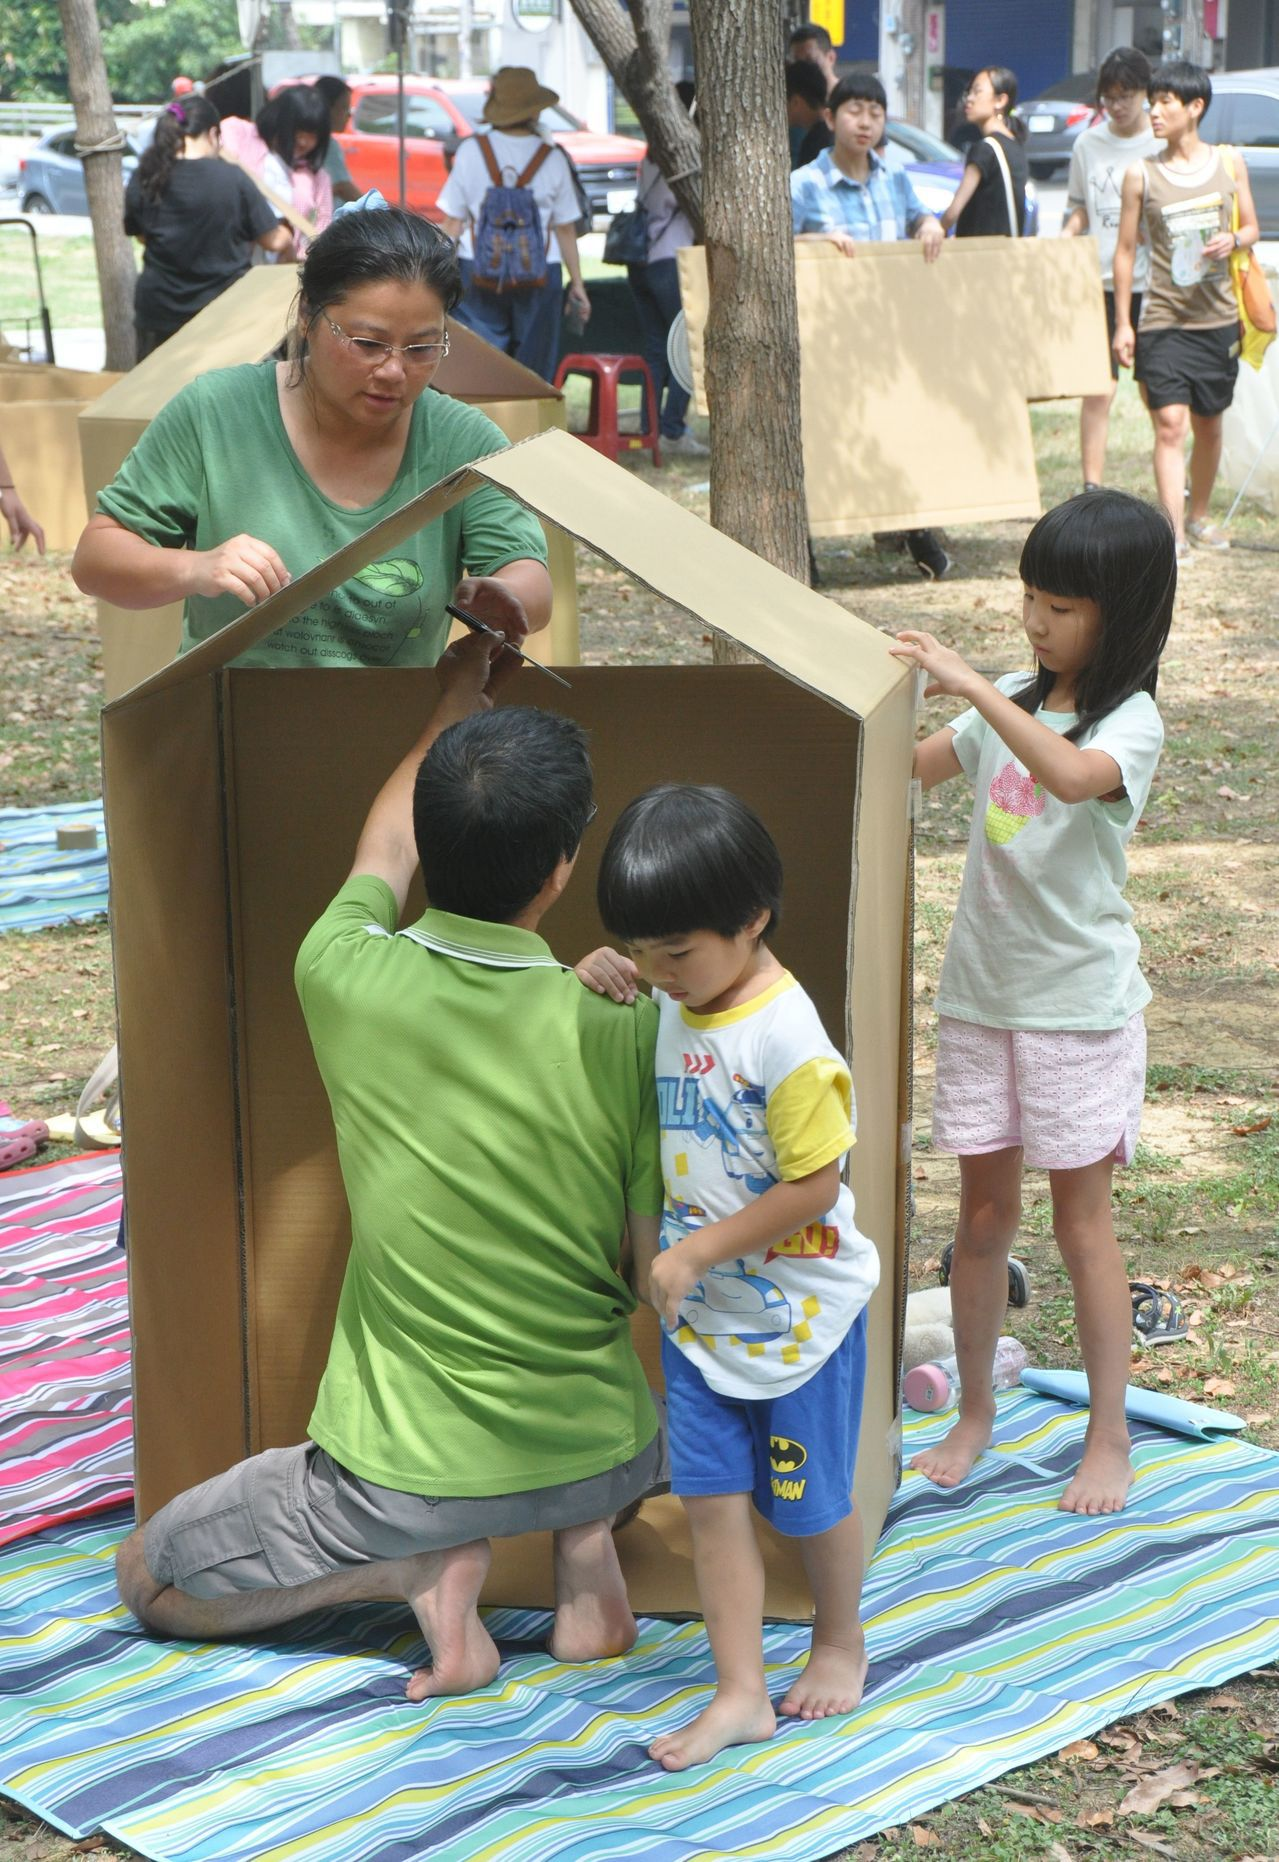 「新竹市多元閱讀」活動今起為期3個月,有講座、小說創作、午茶閱讀、藝術課程、參訪...